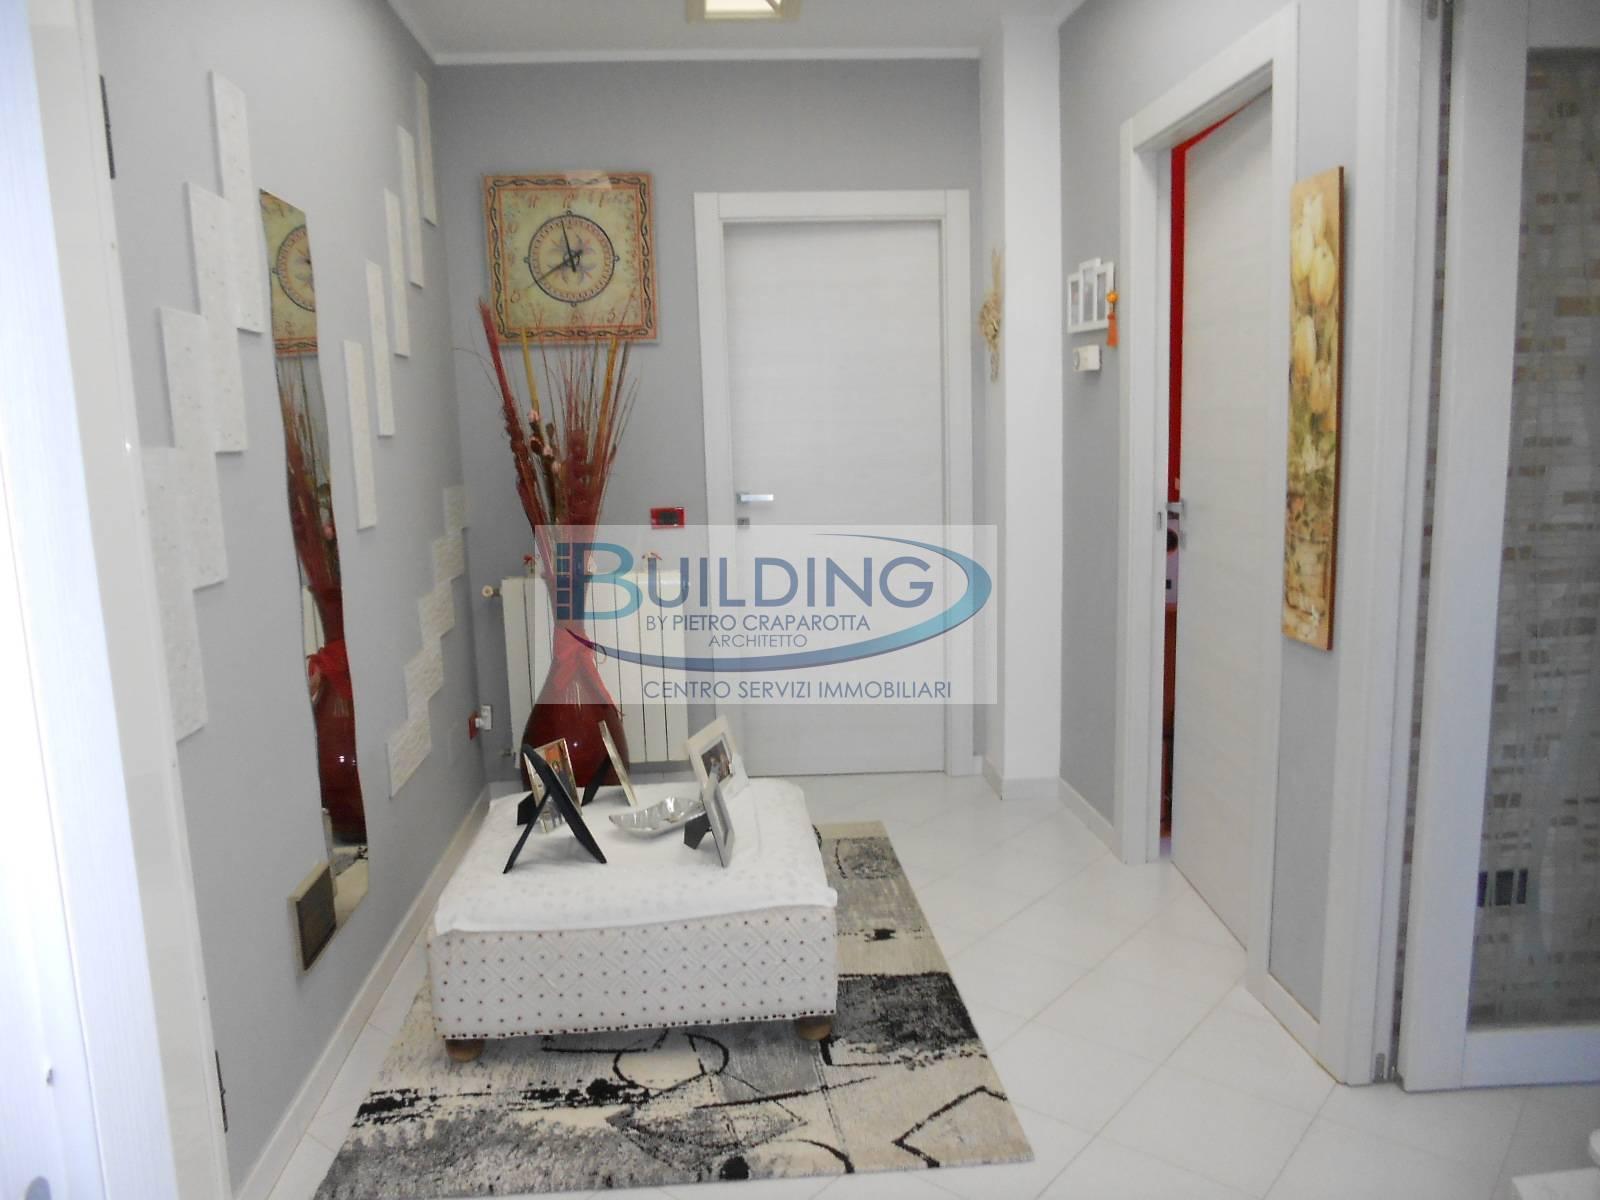 Appartamento in vendita a Castelvetrano, 7 locali, zona Località: CastelvetranoCittà, prezzo € 134.000 | PortaleAgenzieImmobiliari.it